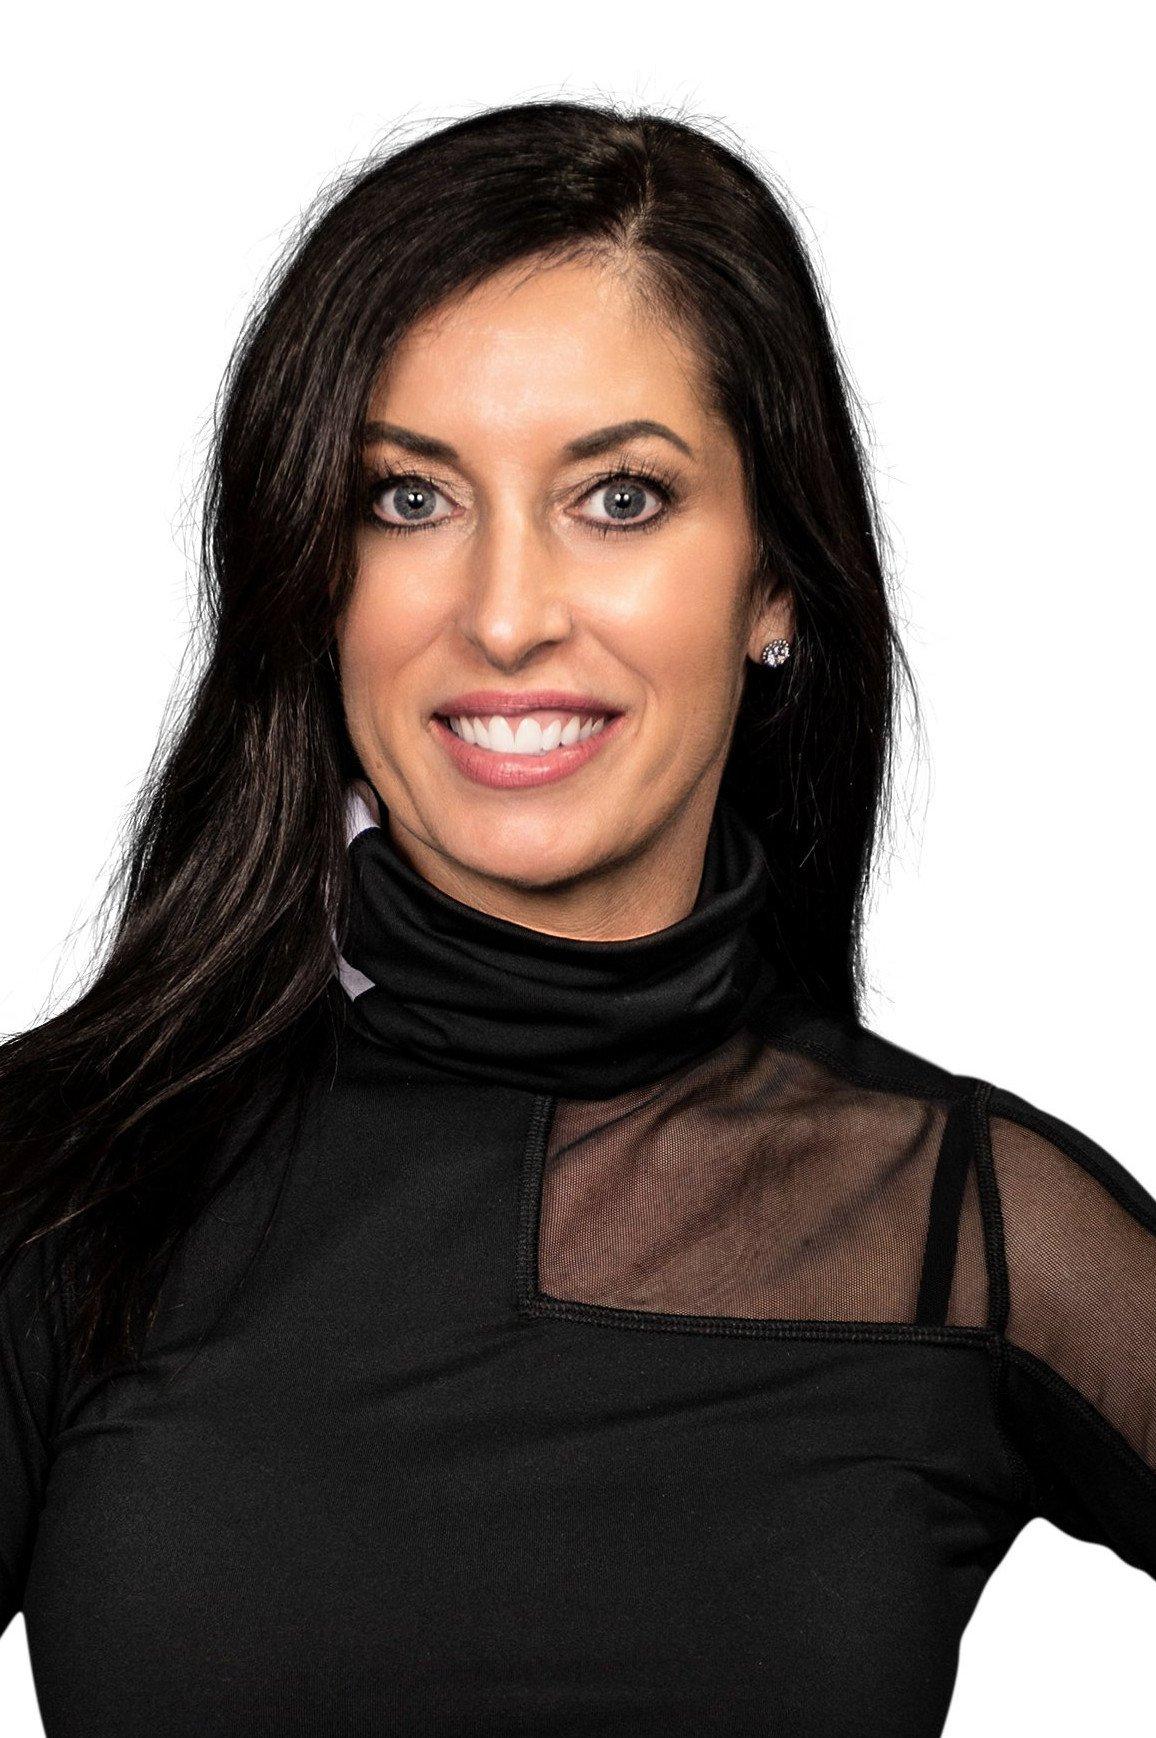 Wall of Fame Inductee: Kari Miller